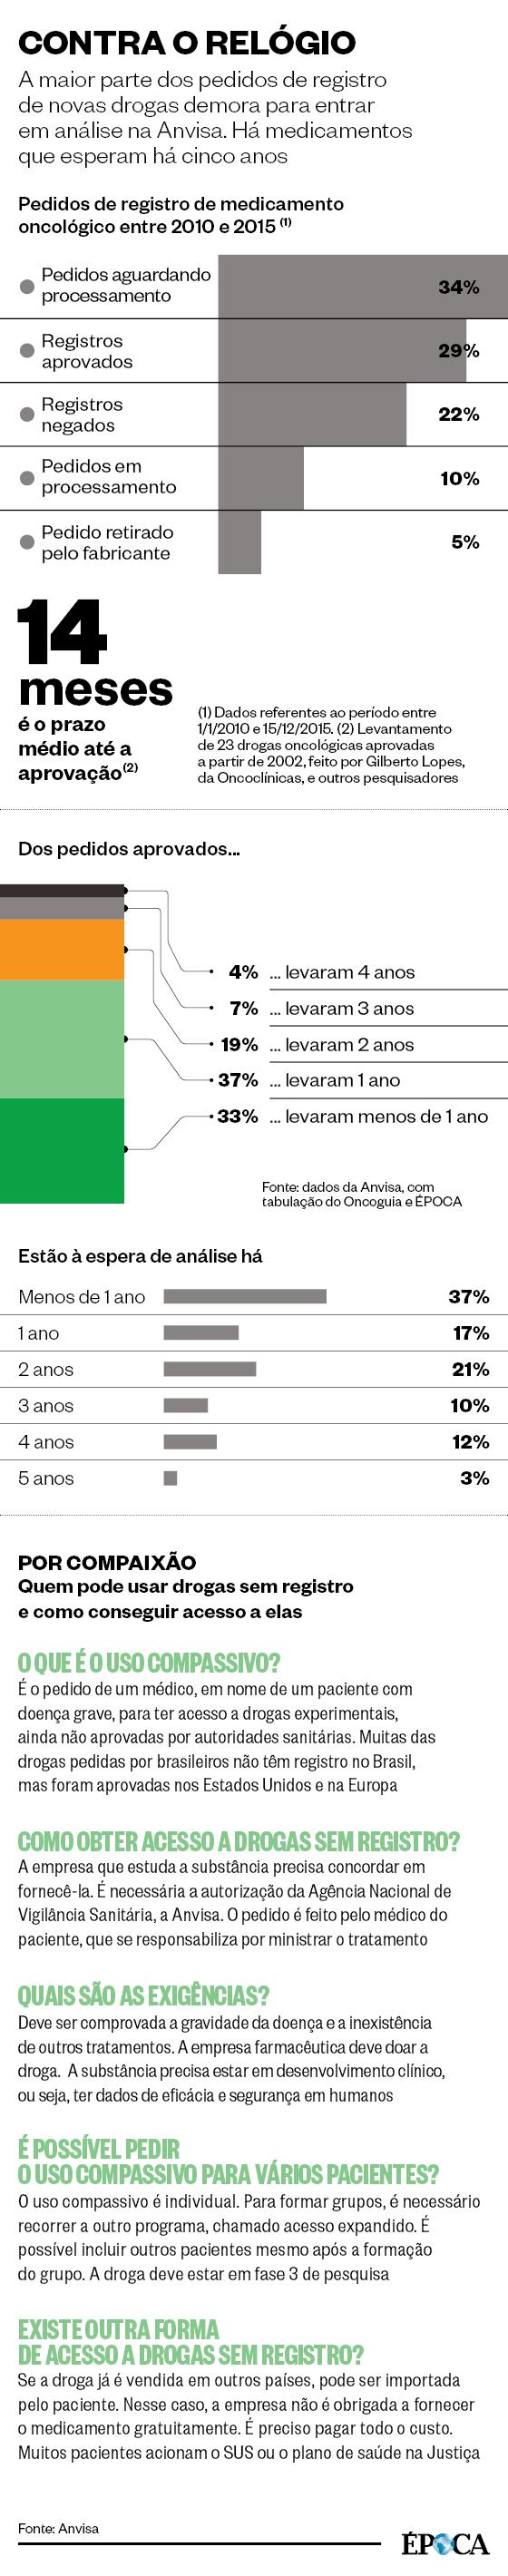 CONTRA O RELÓGIO A maior parte dos pedidos de registro de novas drogas demora para entrar em análise na Anvisa. Há medicamentos que esperam há cinco anos (Foto: Fonte: Anvisa)